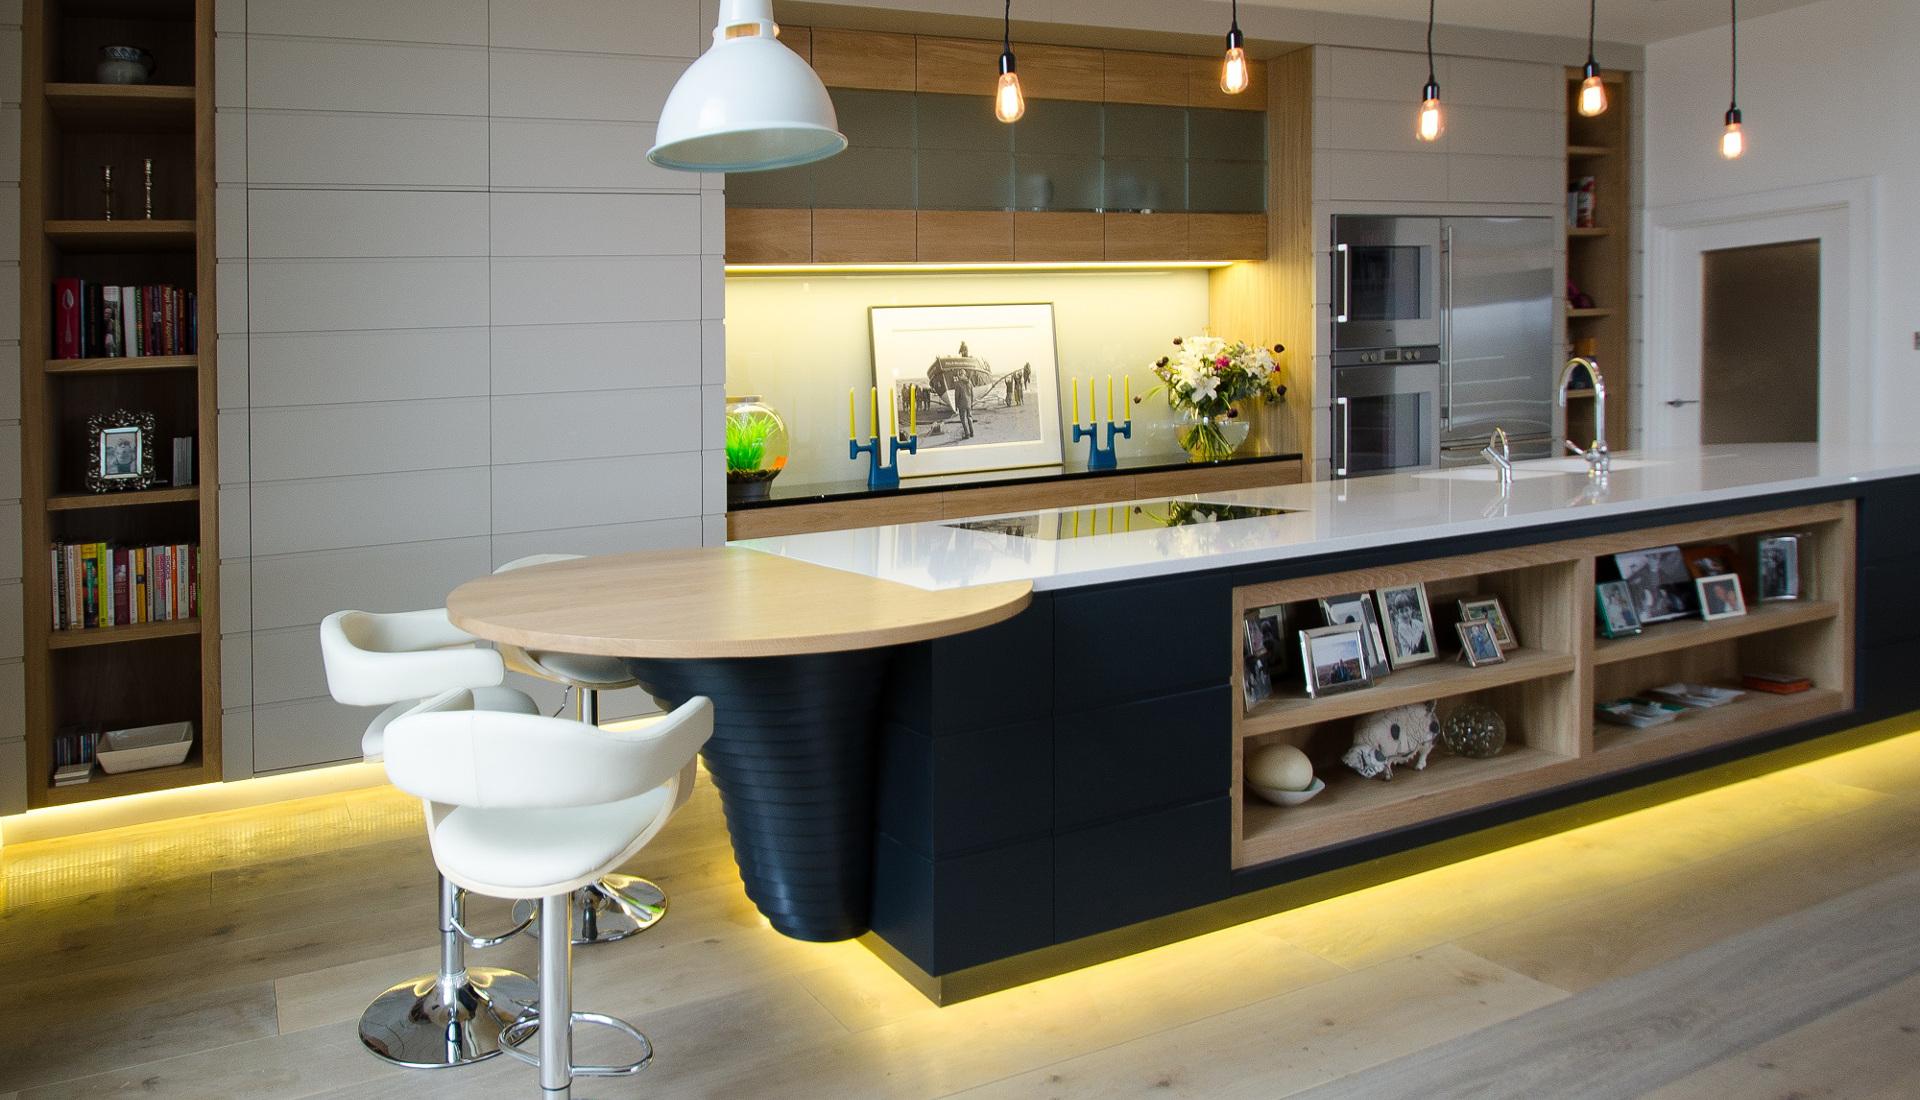 Heb jij de juiste verlichting in de keuken?